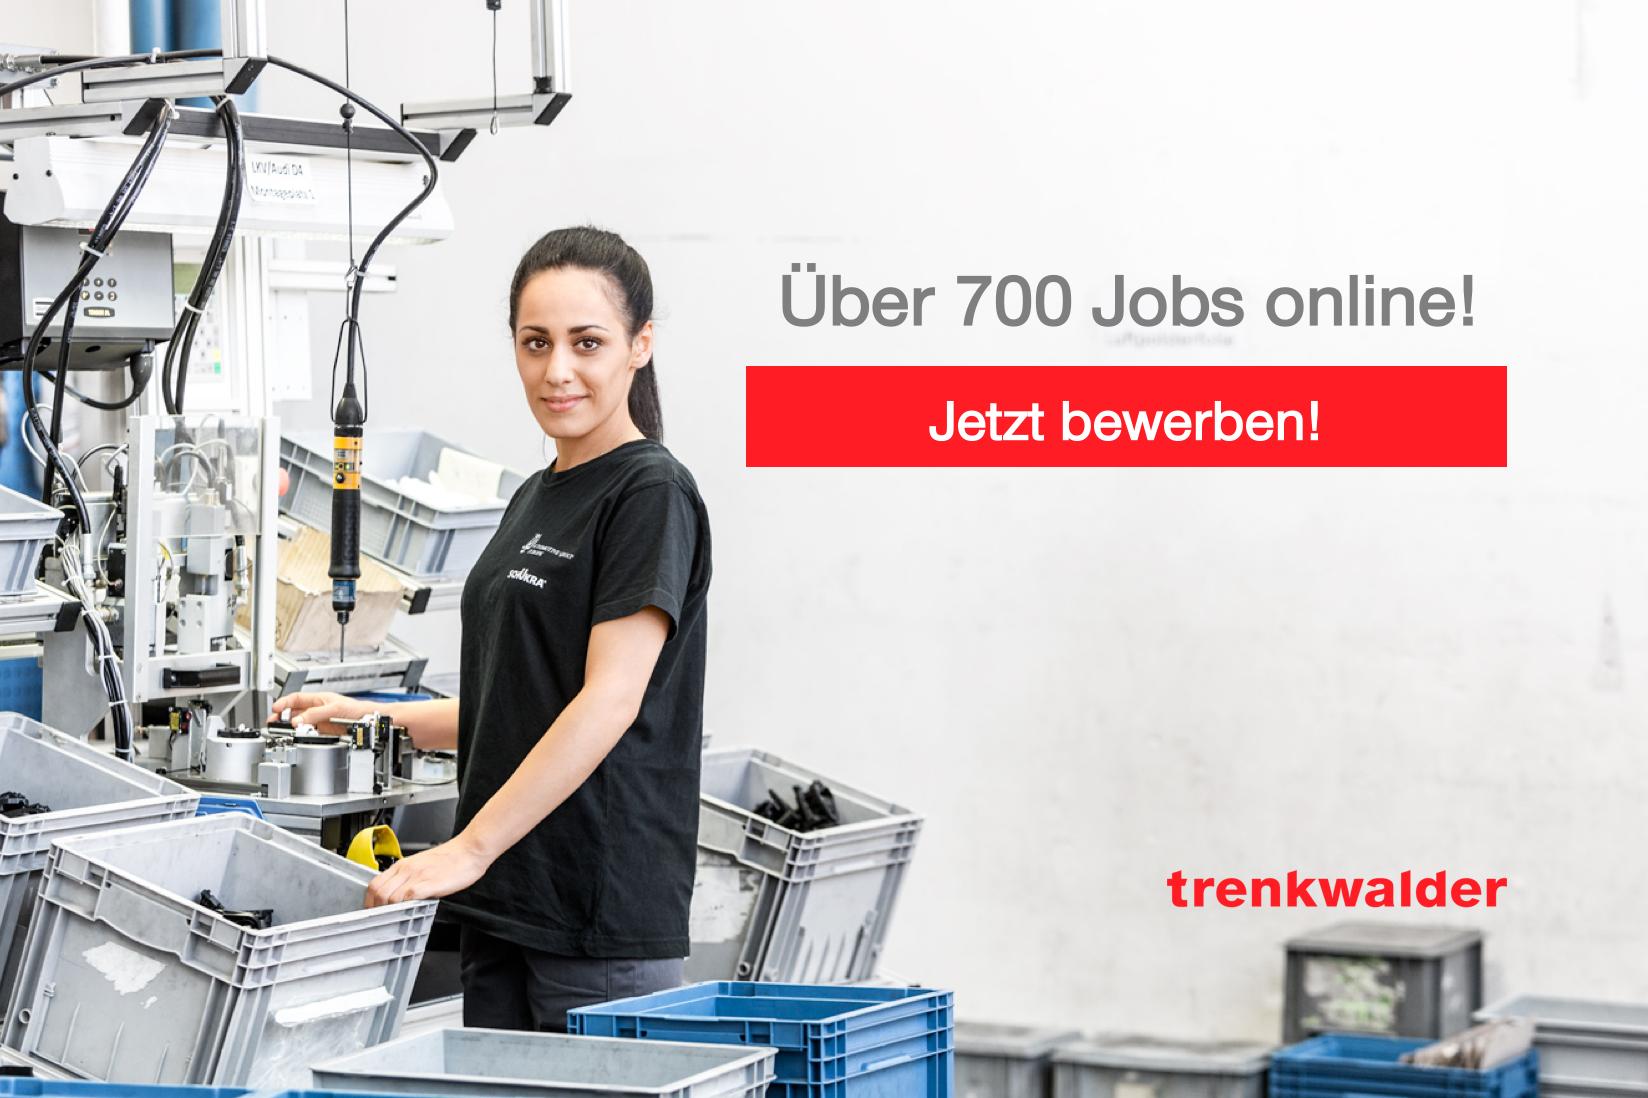 Trenkwalder Osterreich Personalvermittlung Und Zeitarbeitsfirma